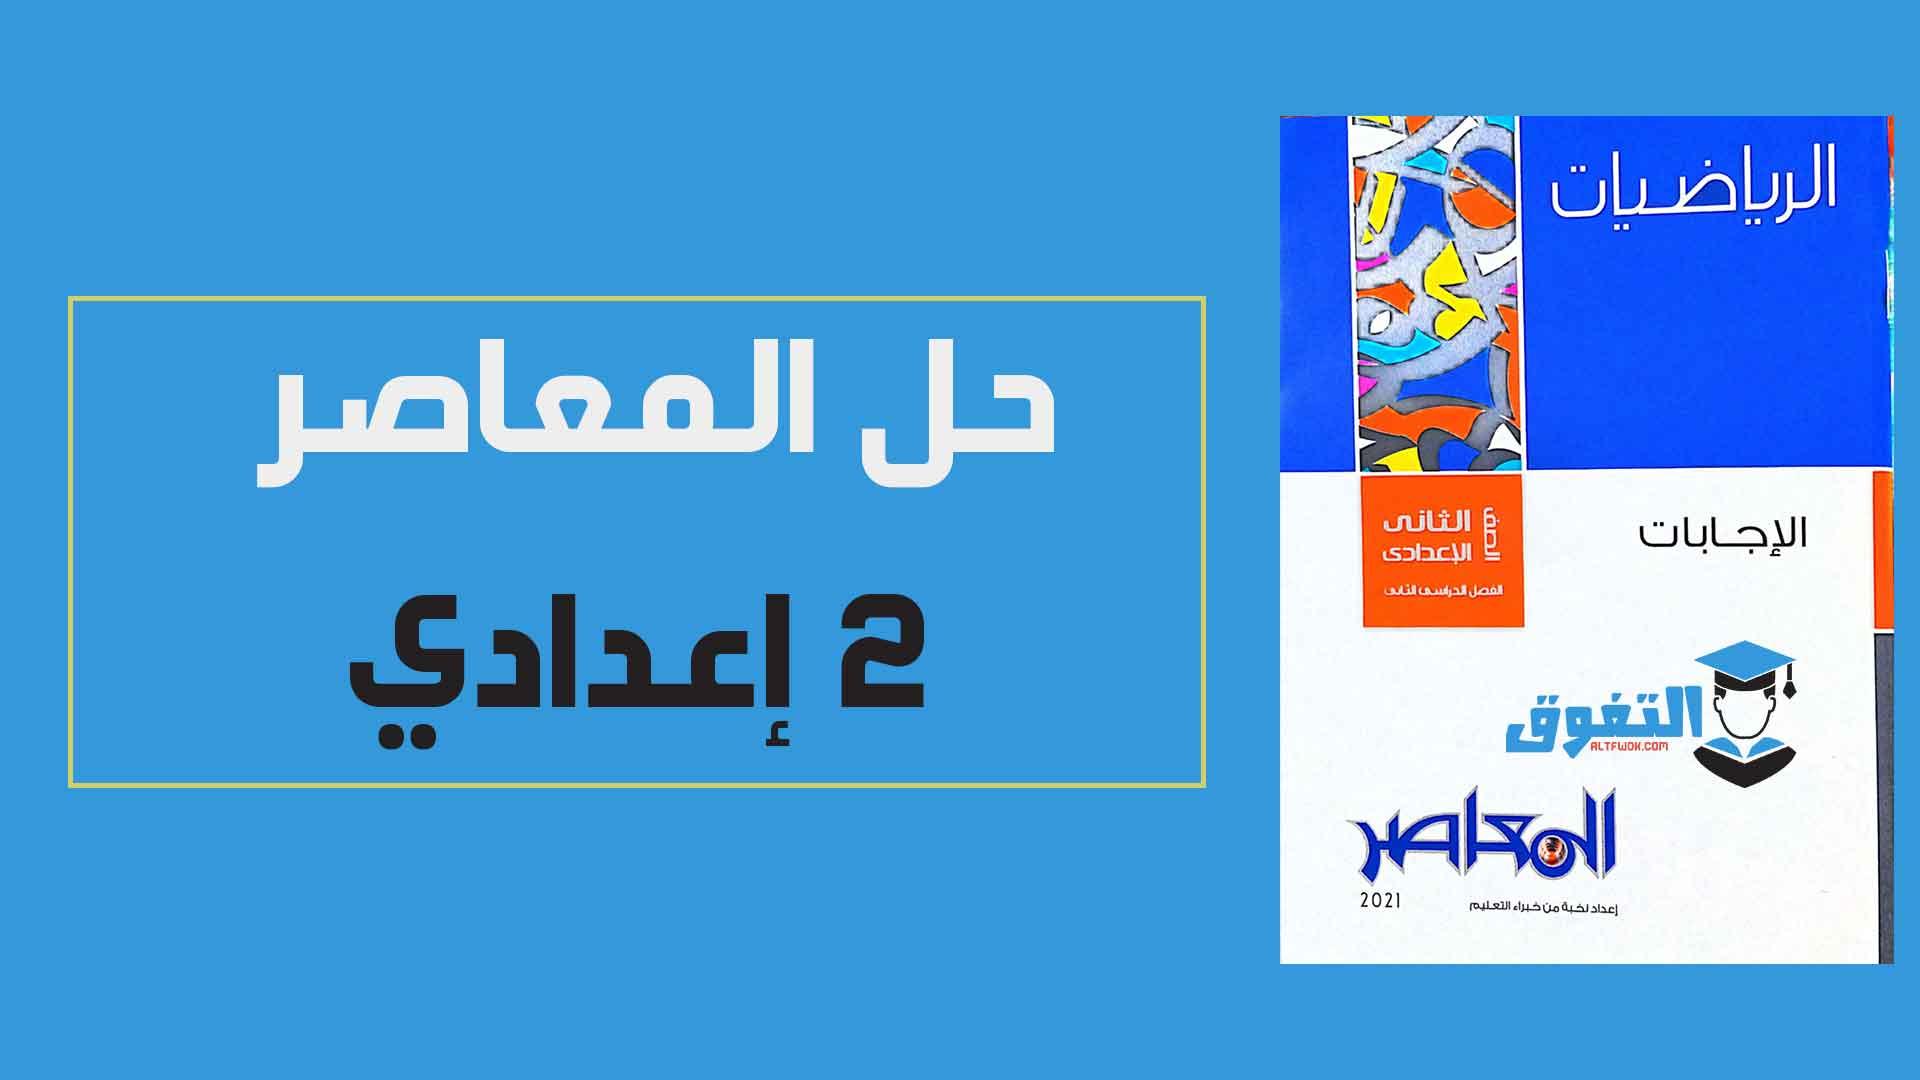 تحميل اجابات كتاب المعاصر فى الرياضيات للصف الثانى الاعدادى الترم الثانى 2021  pdf